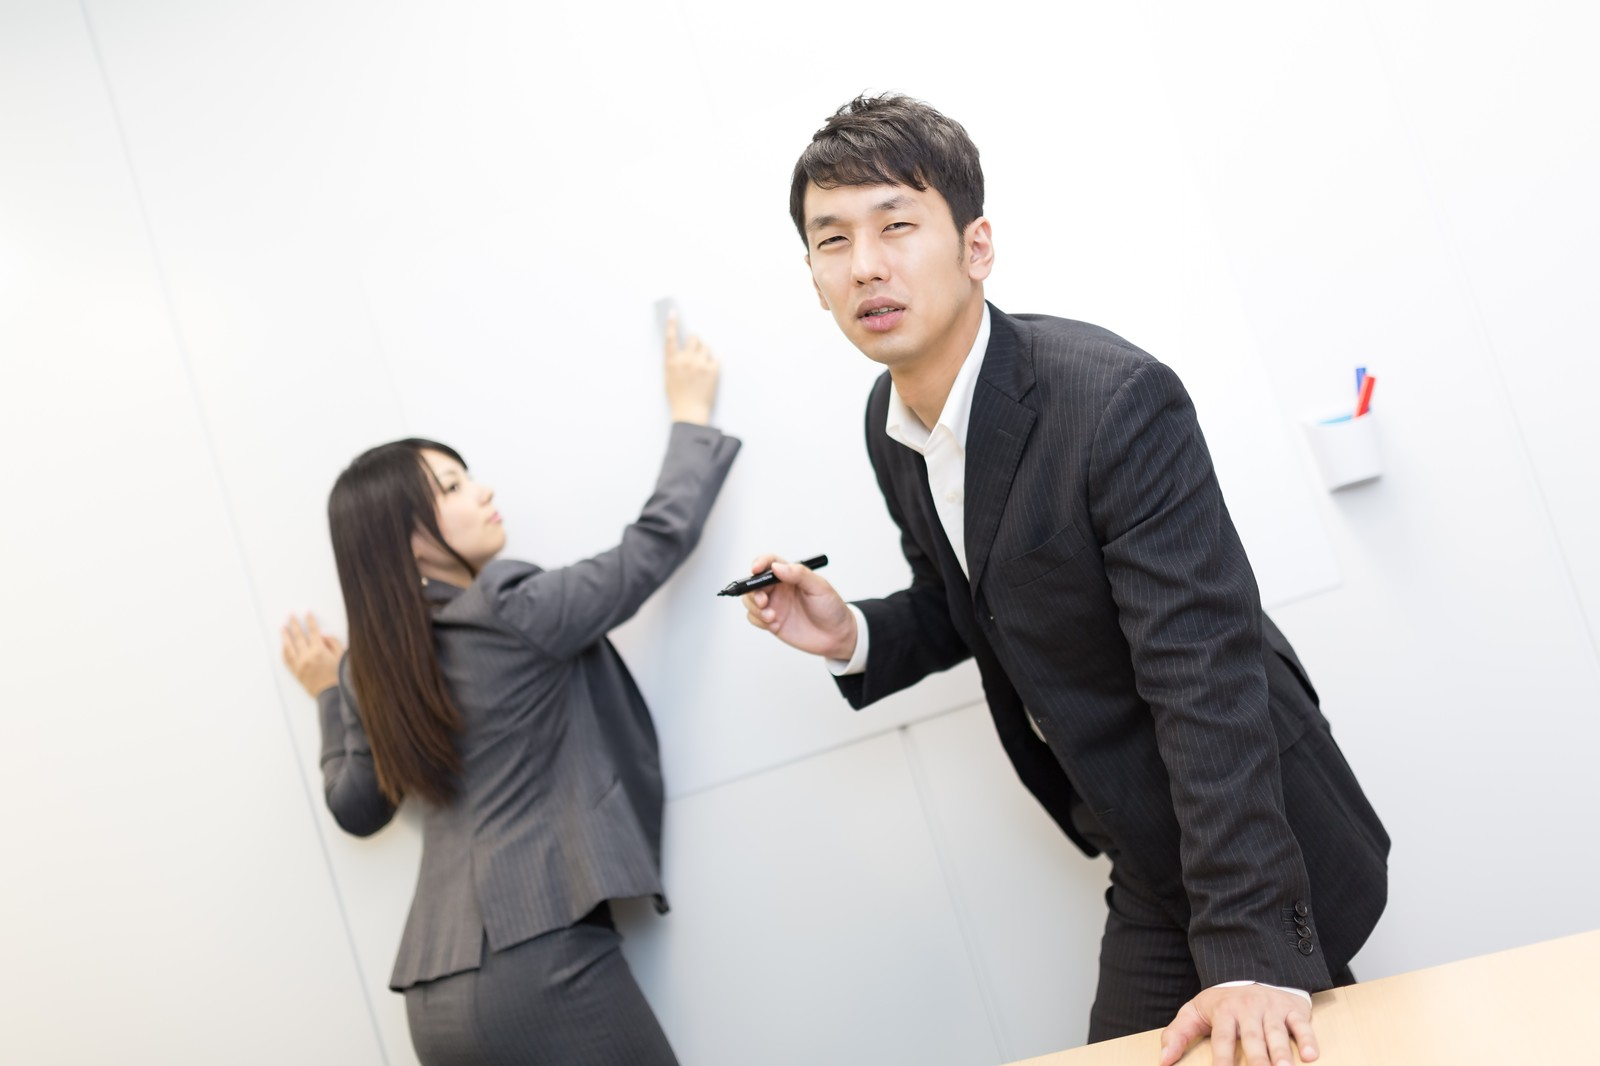 「熱意のこもったプレゼンをデリートされうなだれるビジネスマン」の写真[モデル:大川竜弥 Lala]